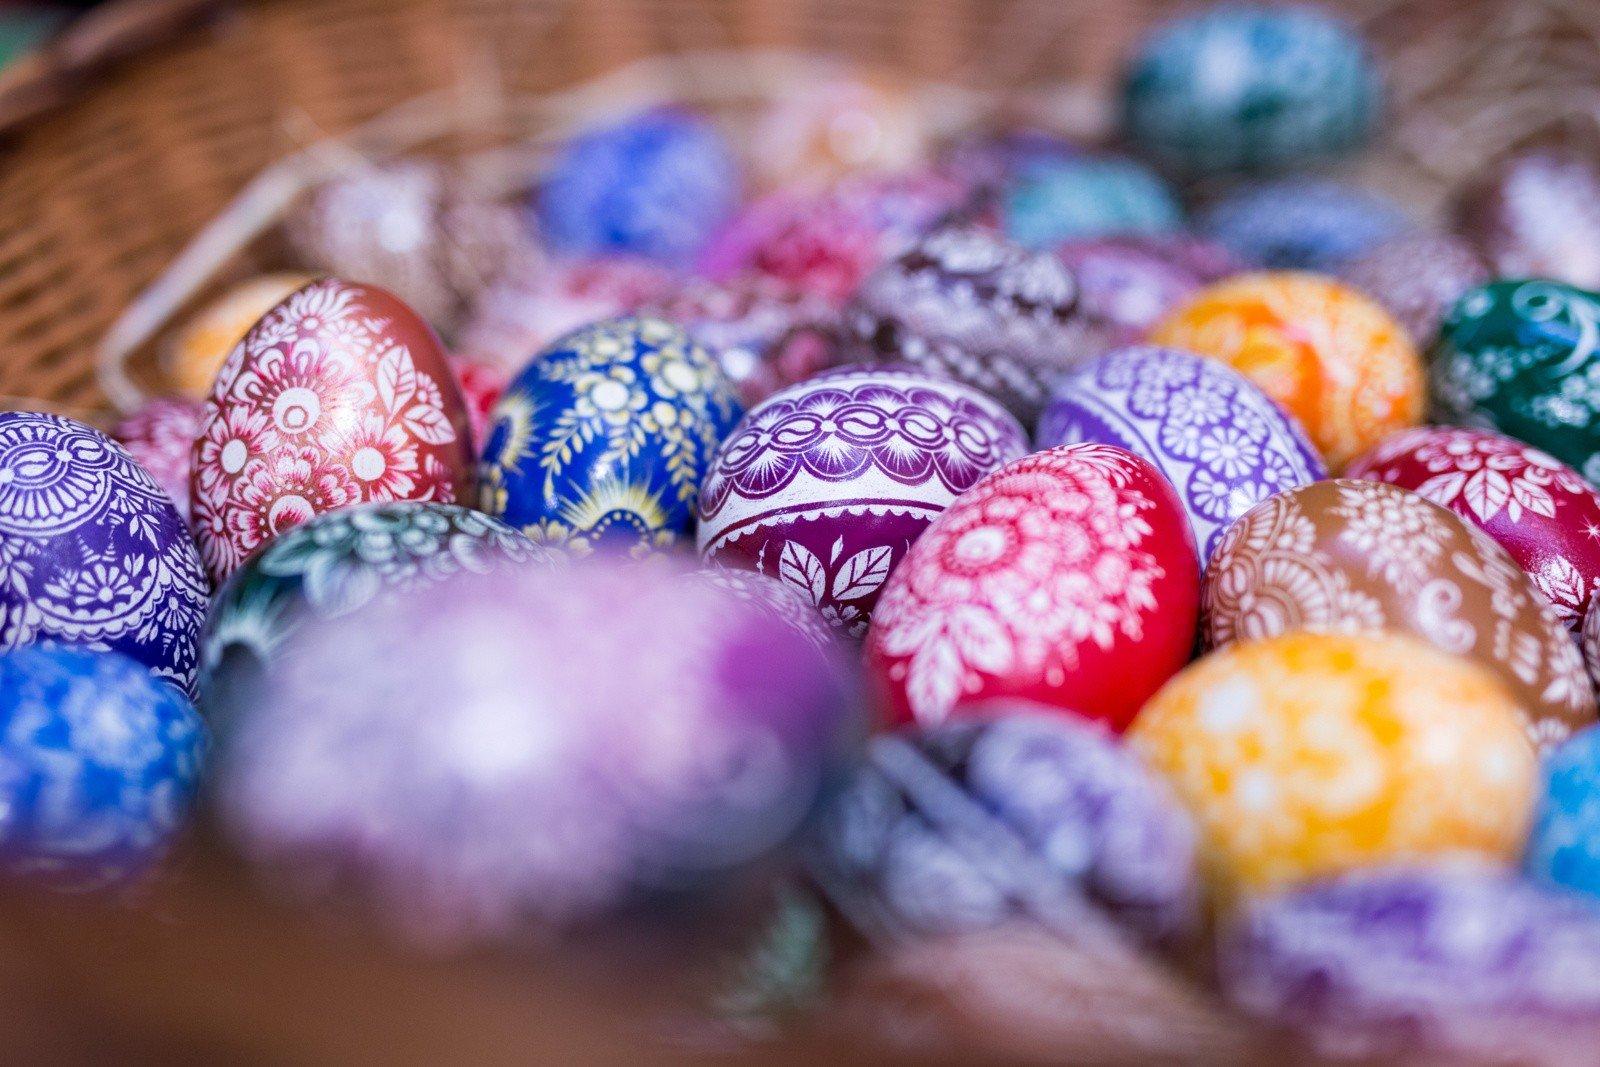 Wielkanoc 2019 Data Niedzieli Wielkanocnej Przypada W Tym Roku W